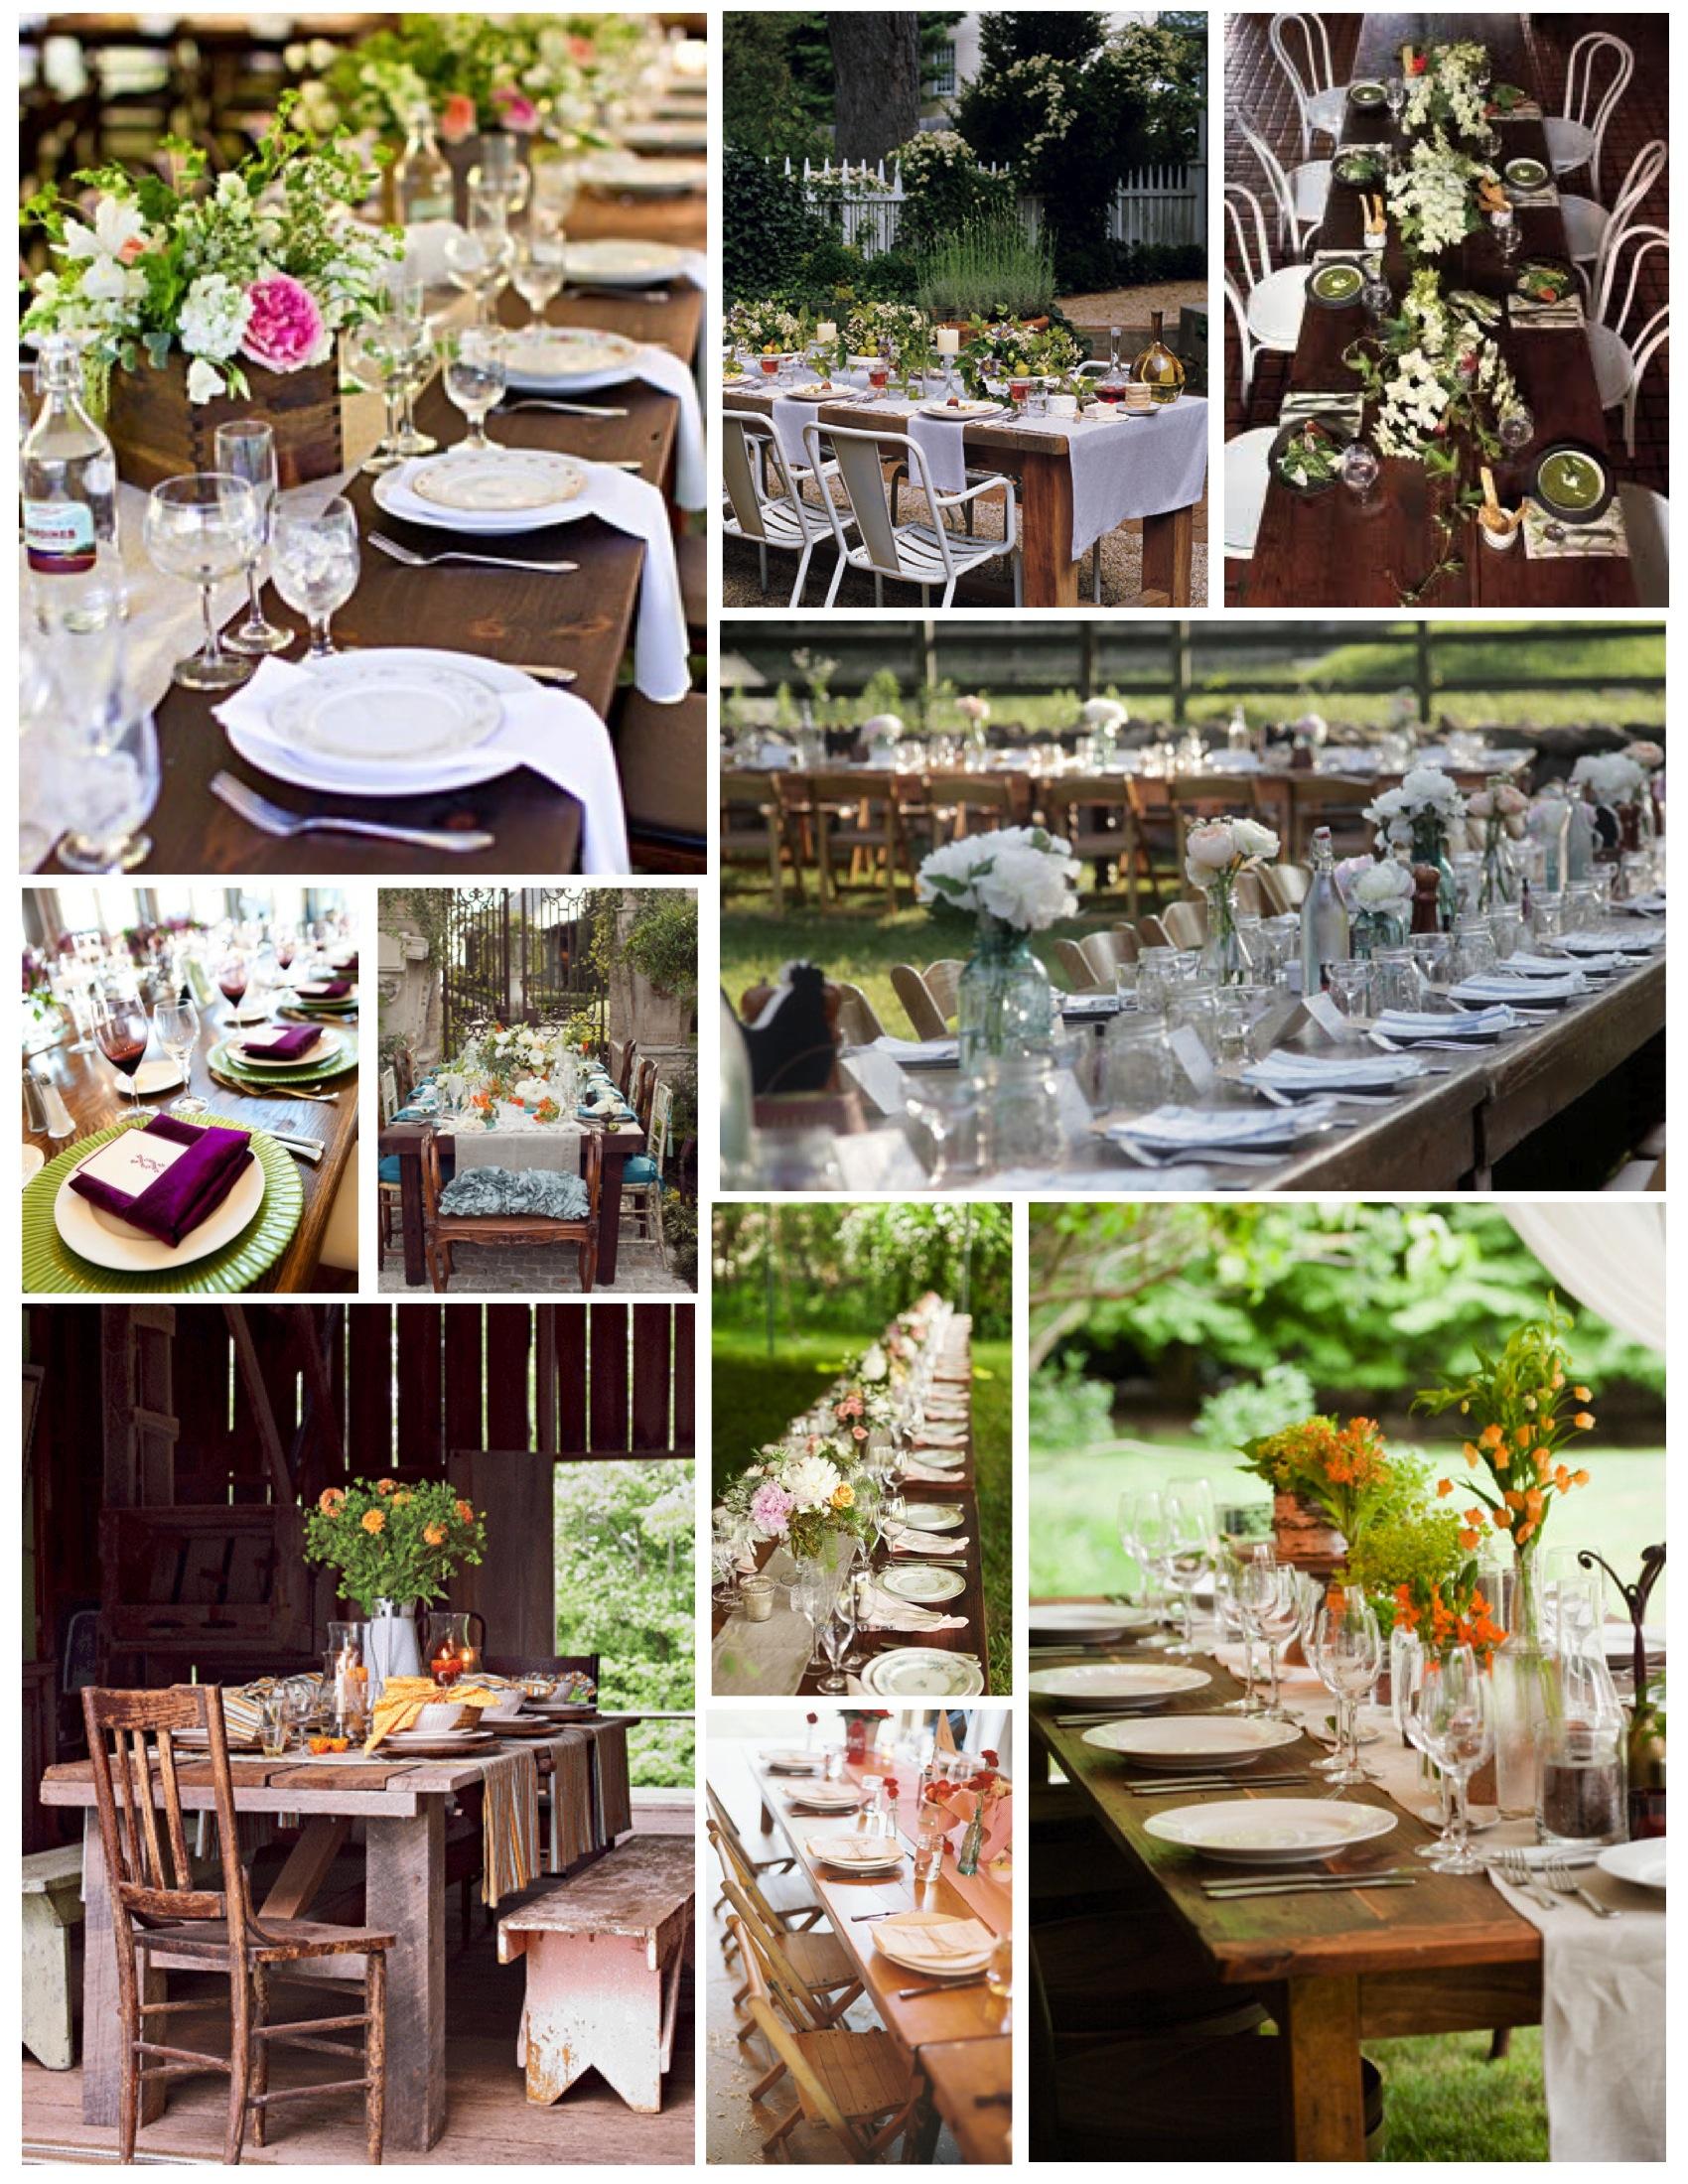 Farmhouse Style Kitchen Table